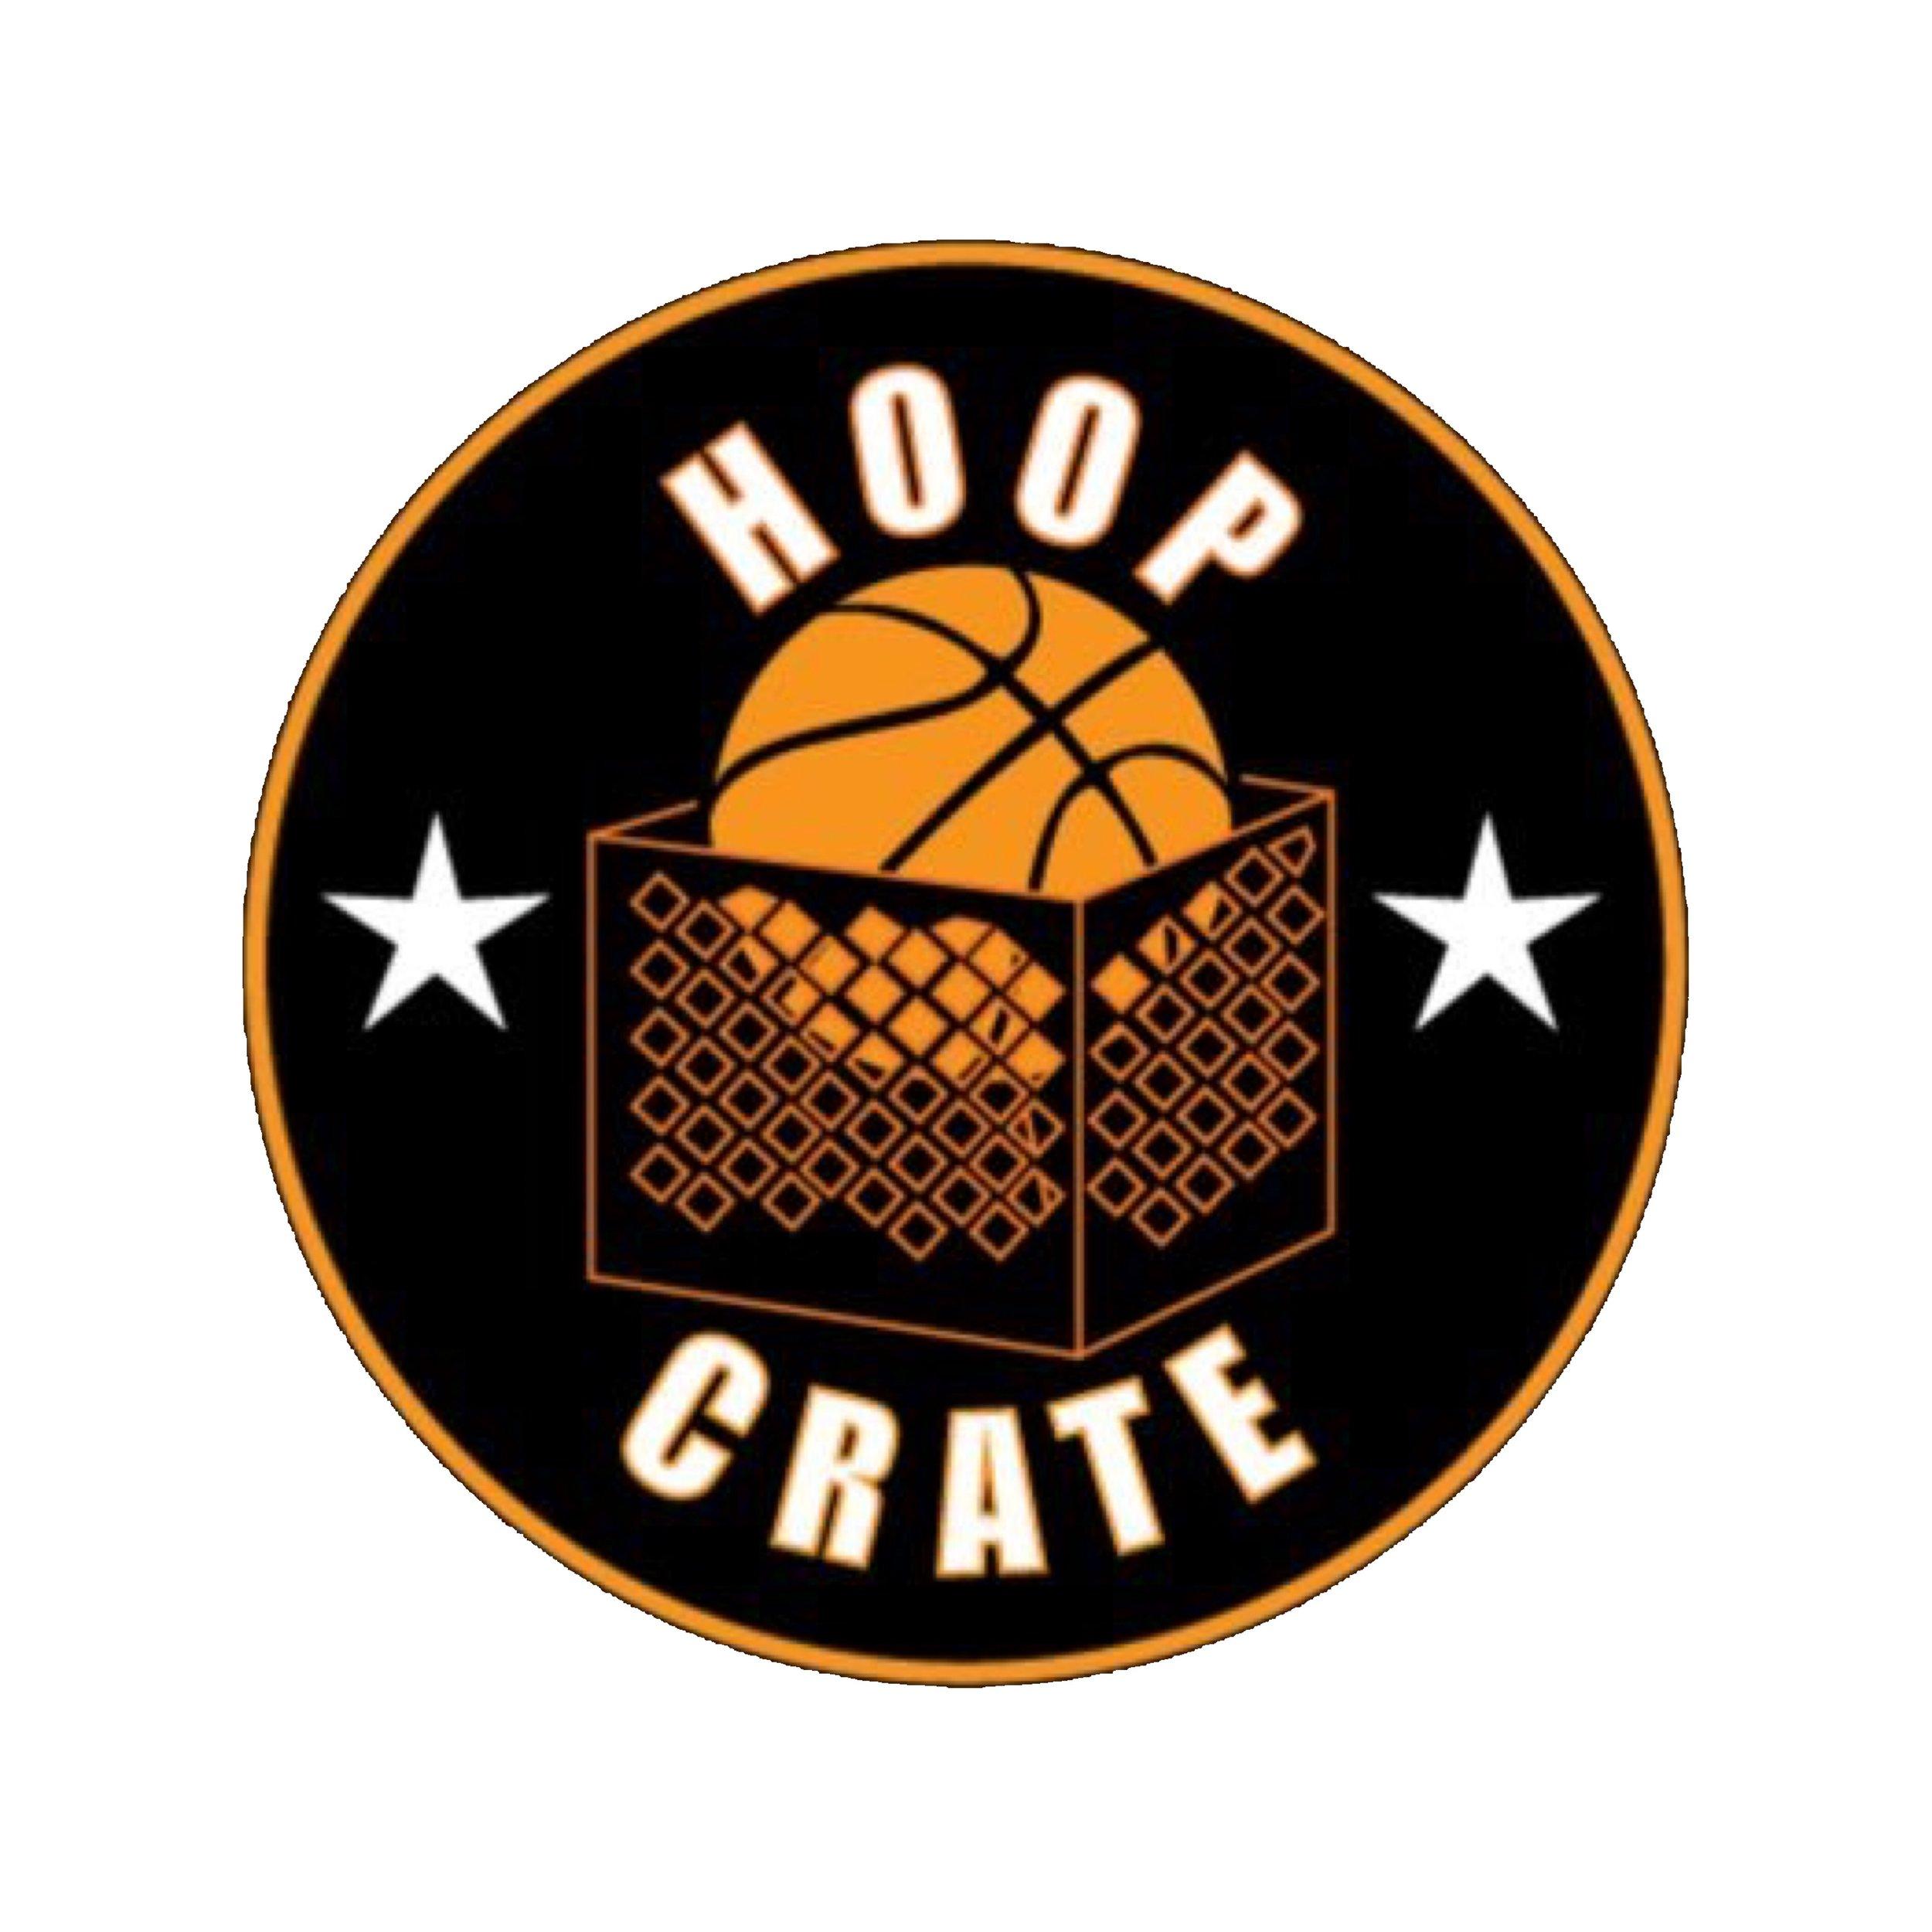 HoopCrate